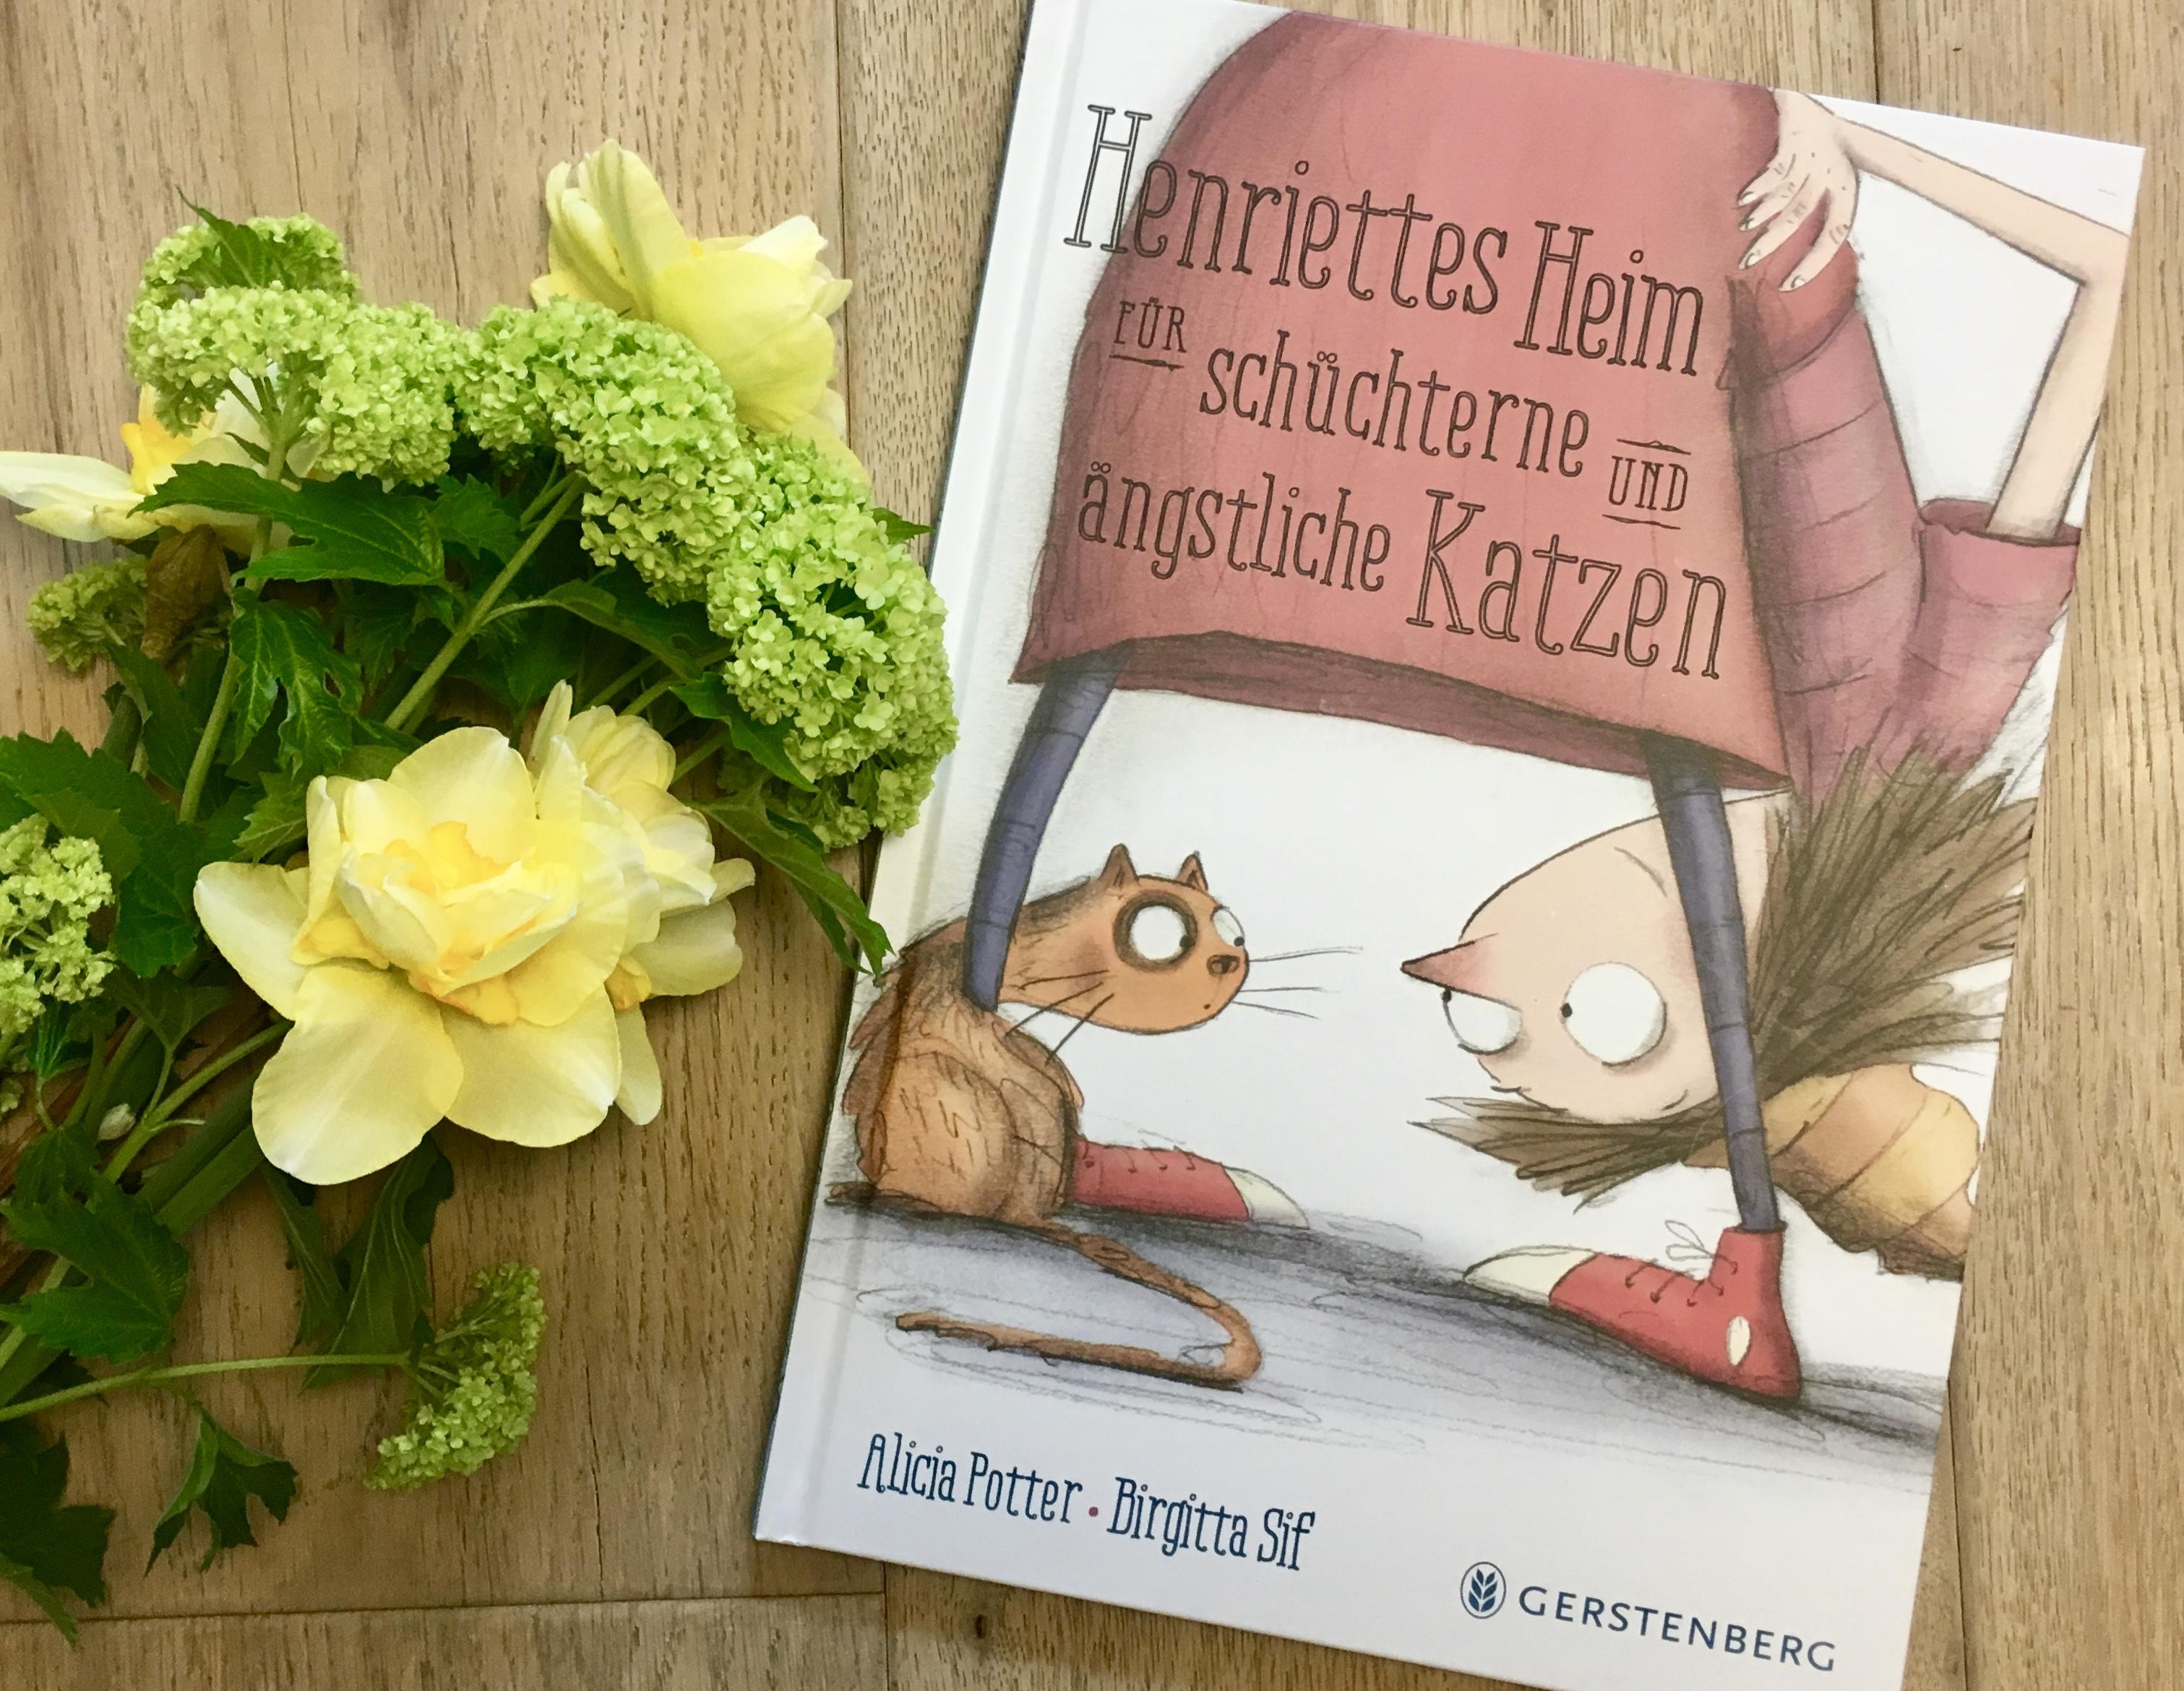 Henriettes Heim für schüchterne und ängstliche Katzen von Alicia Potter und Birgitta Sif